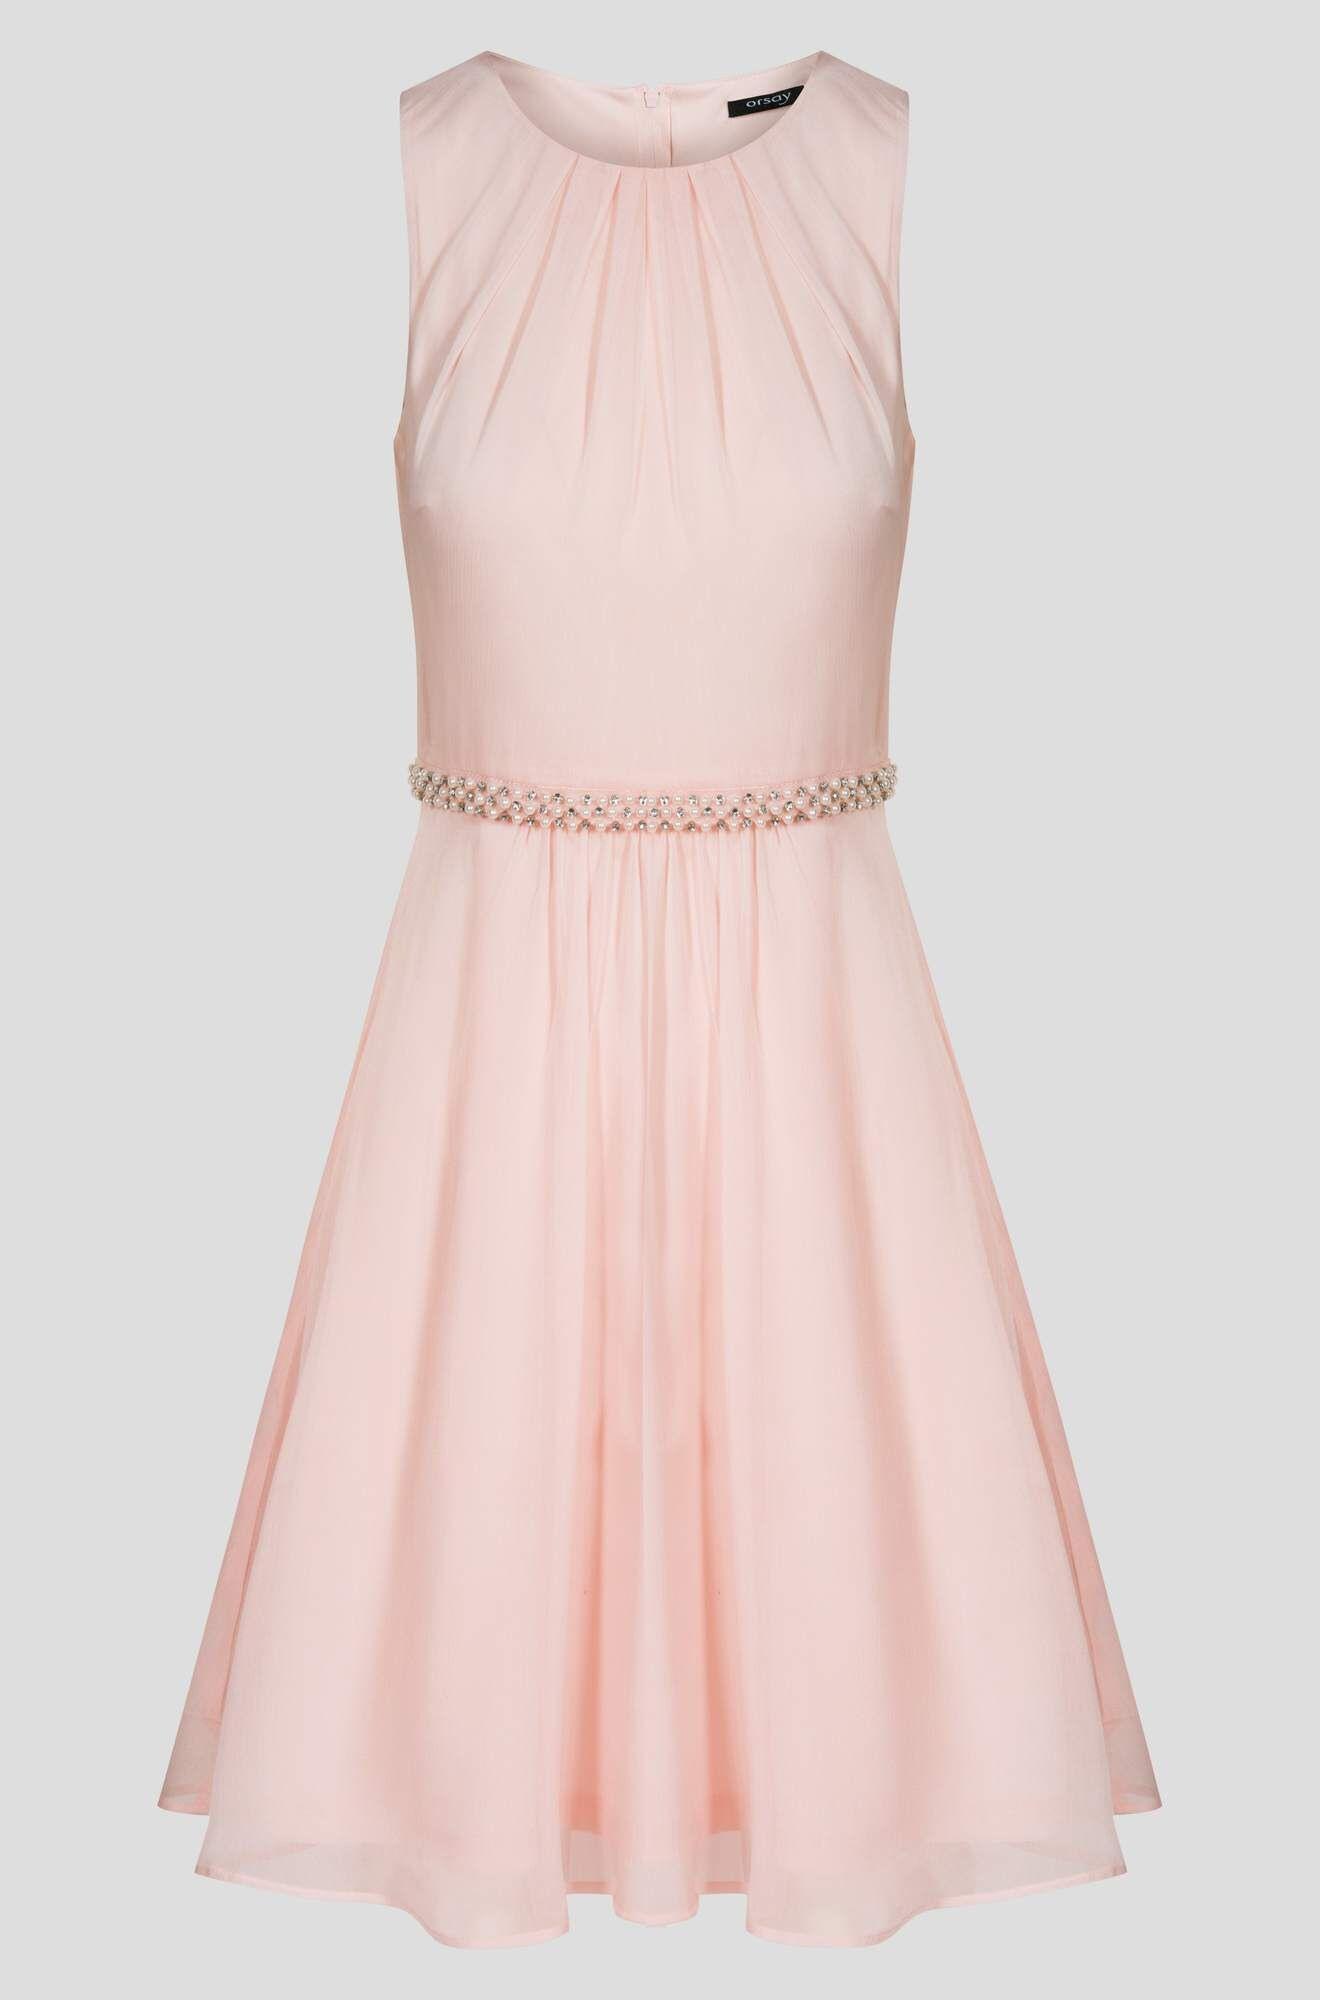 20 Ausgezeichnet Orsay Abendkleid für 201915 Einfach Orsay Abendkleid Stylish